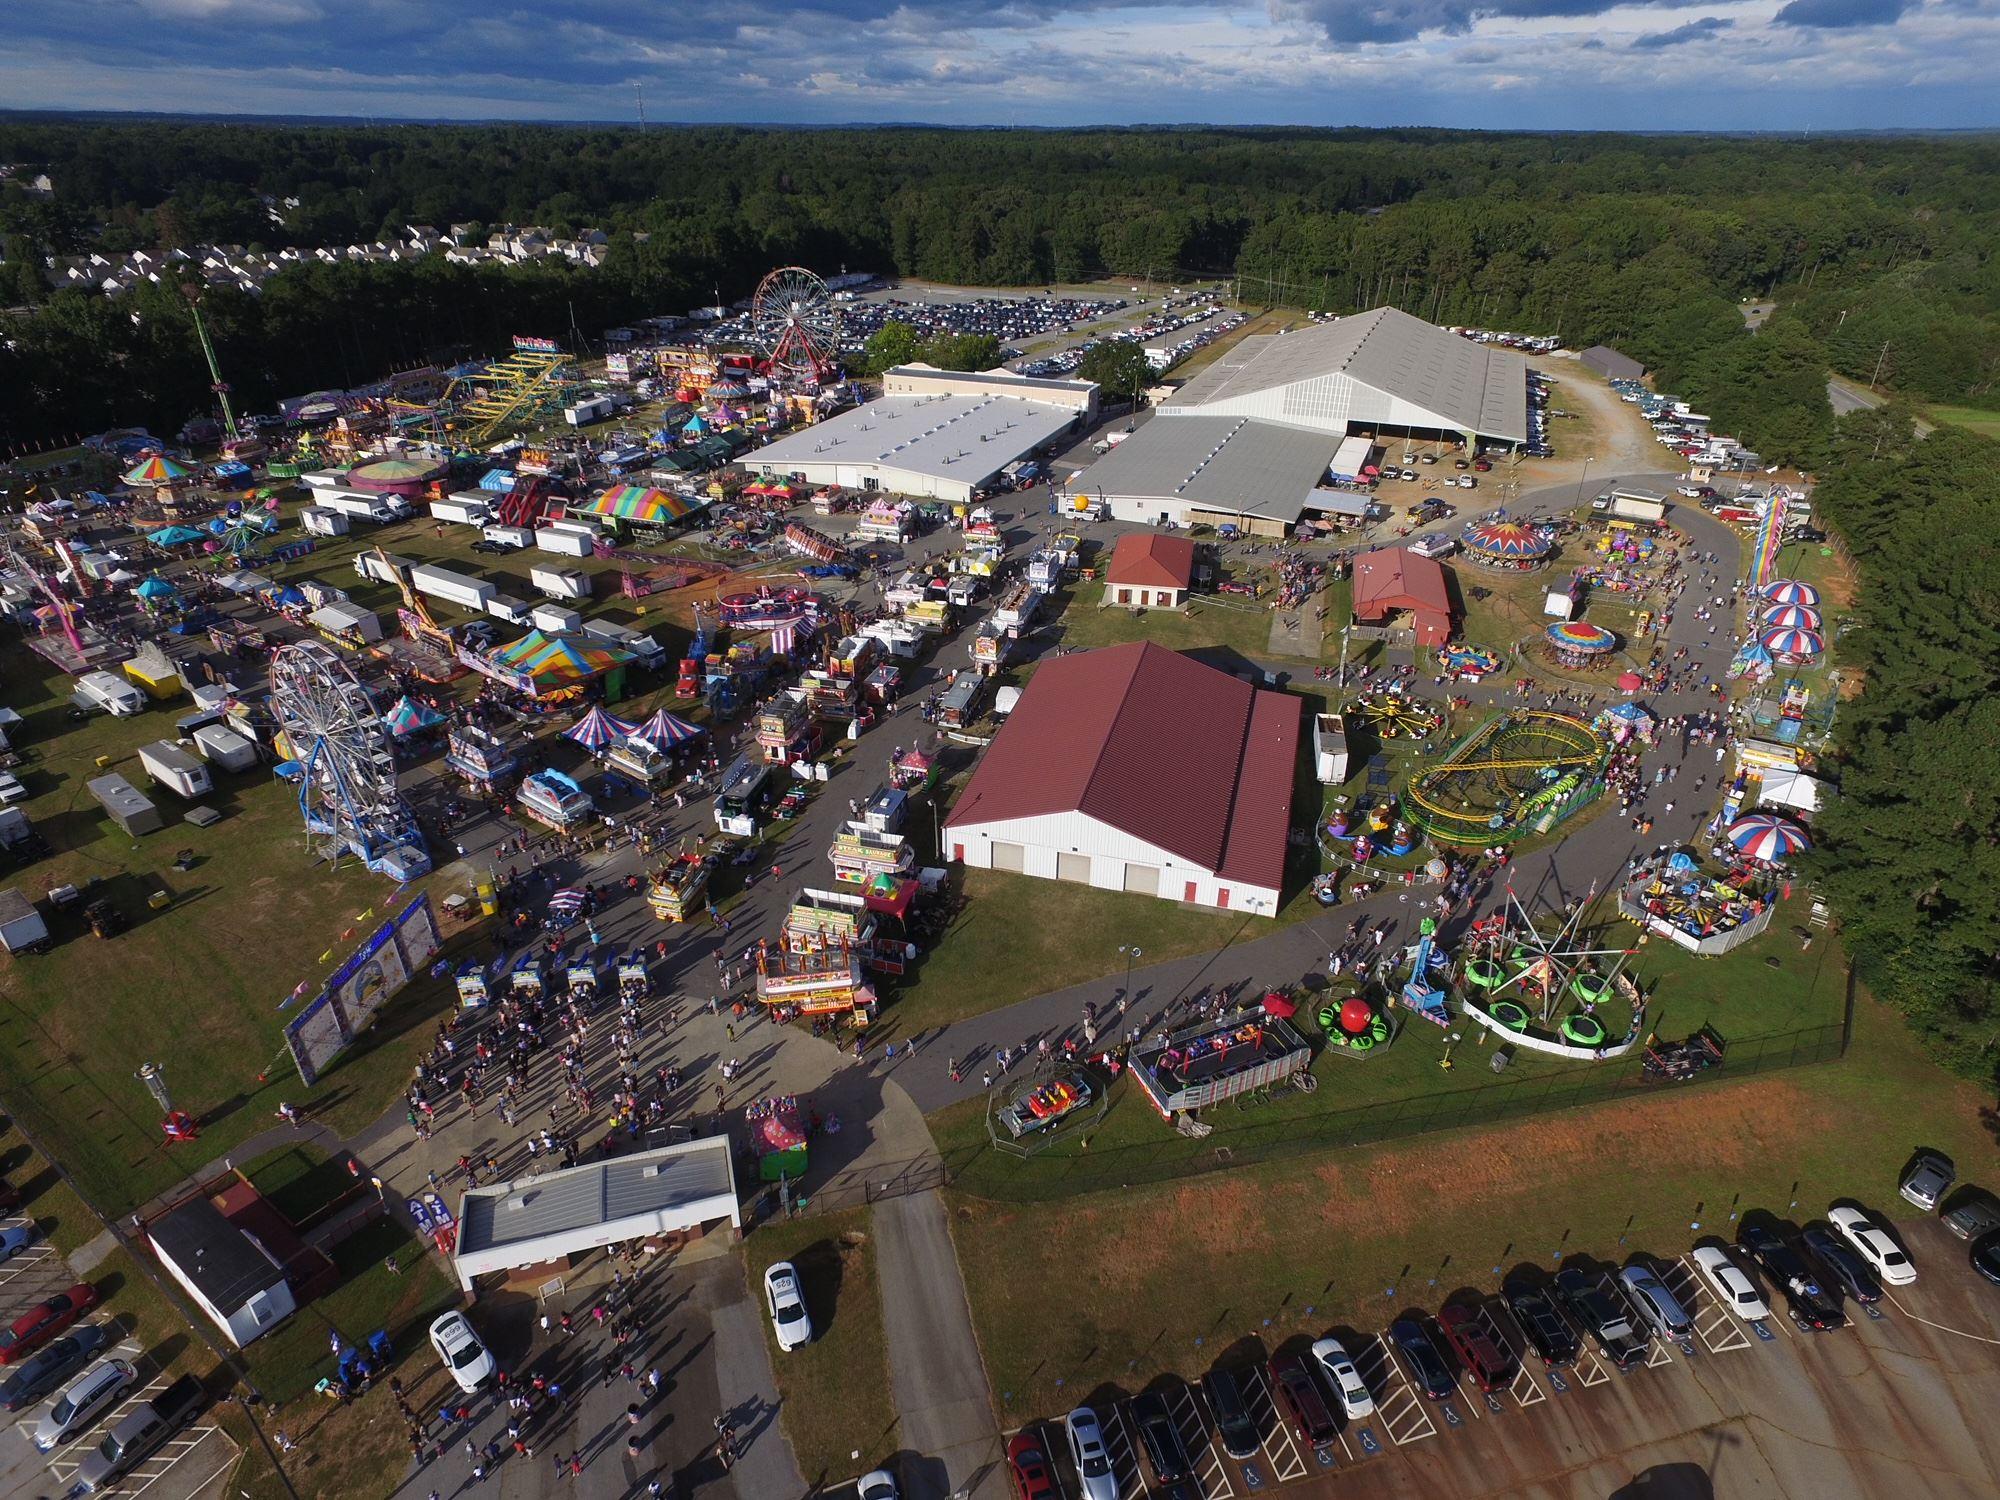 Fairgrounds Outdoor Area